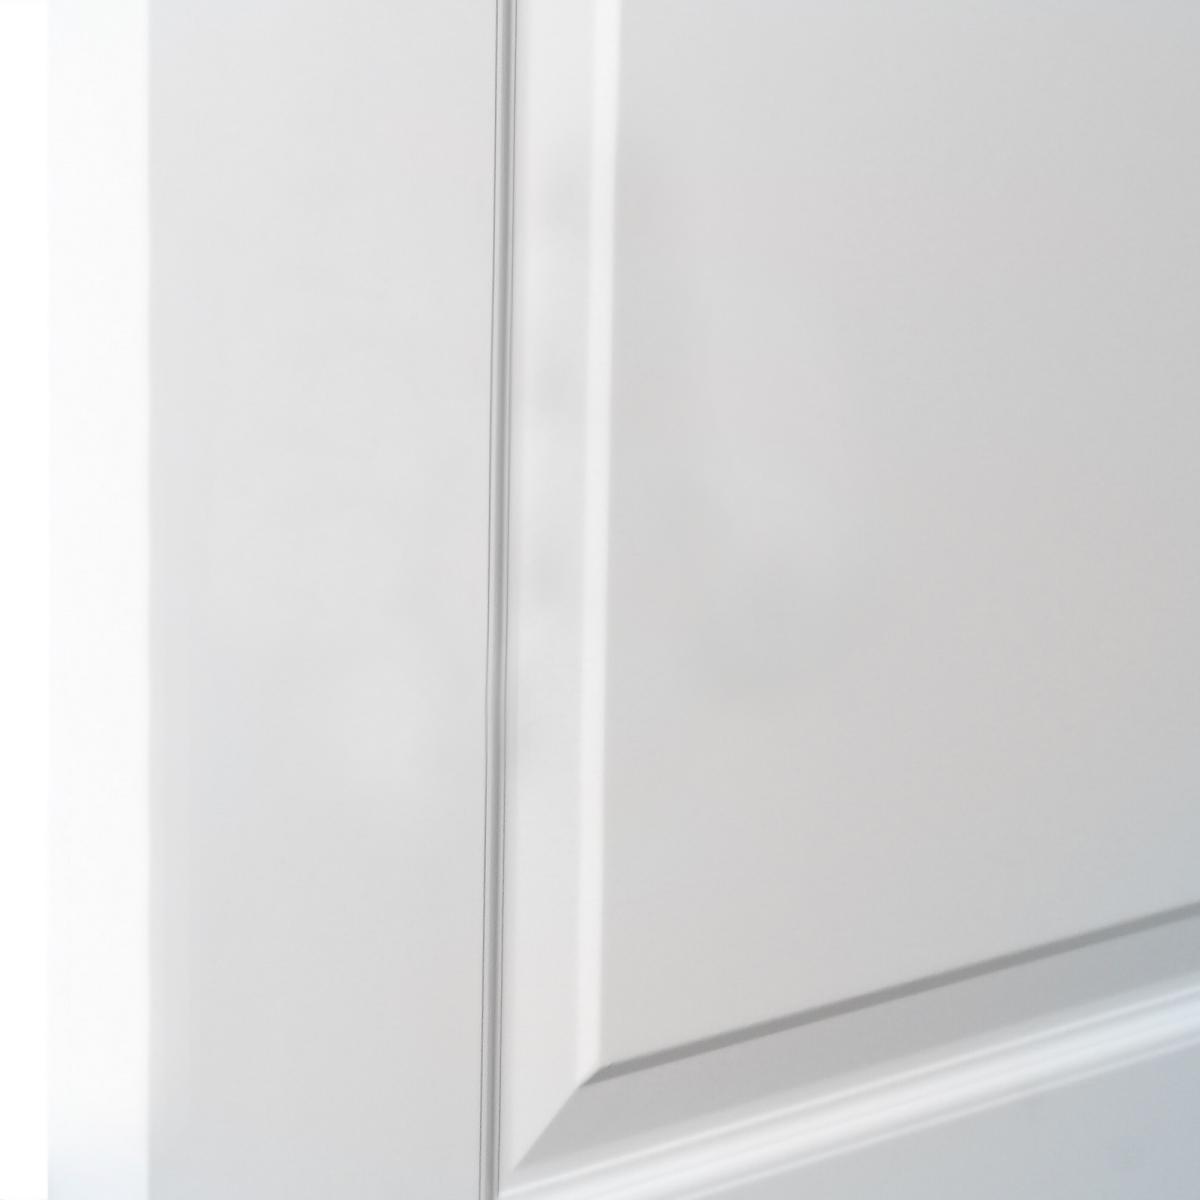 Дверь Межкомнатная Глухая Австралия 70x200 Цвет Белый